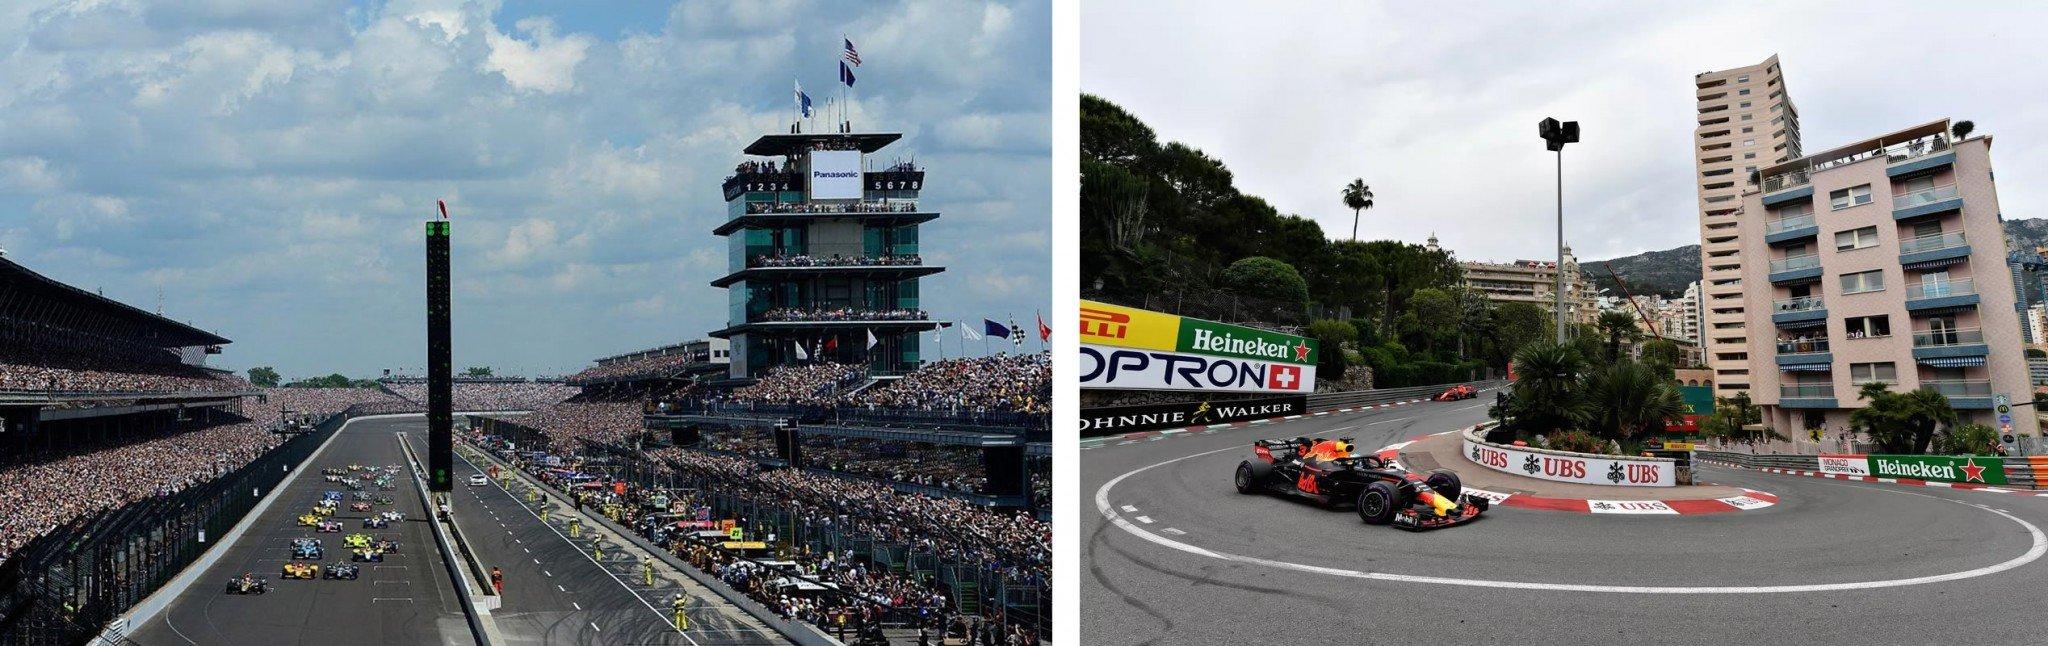 Monaco Indy 500